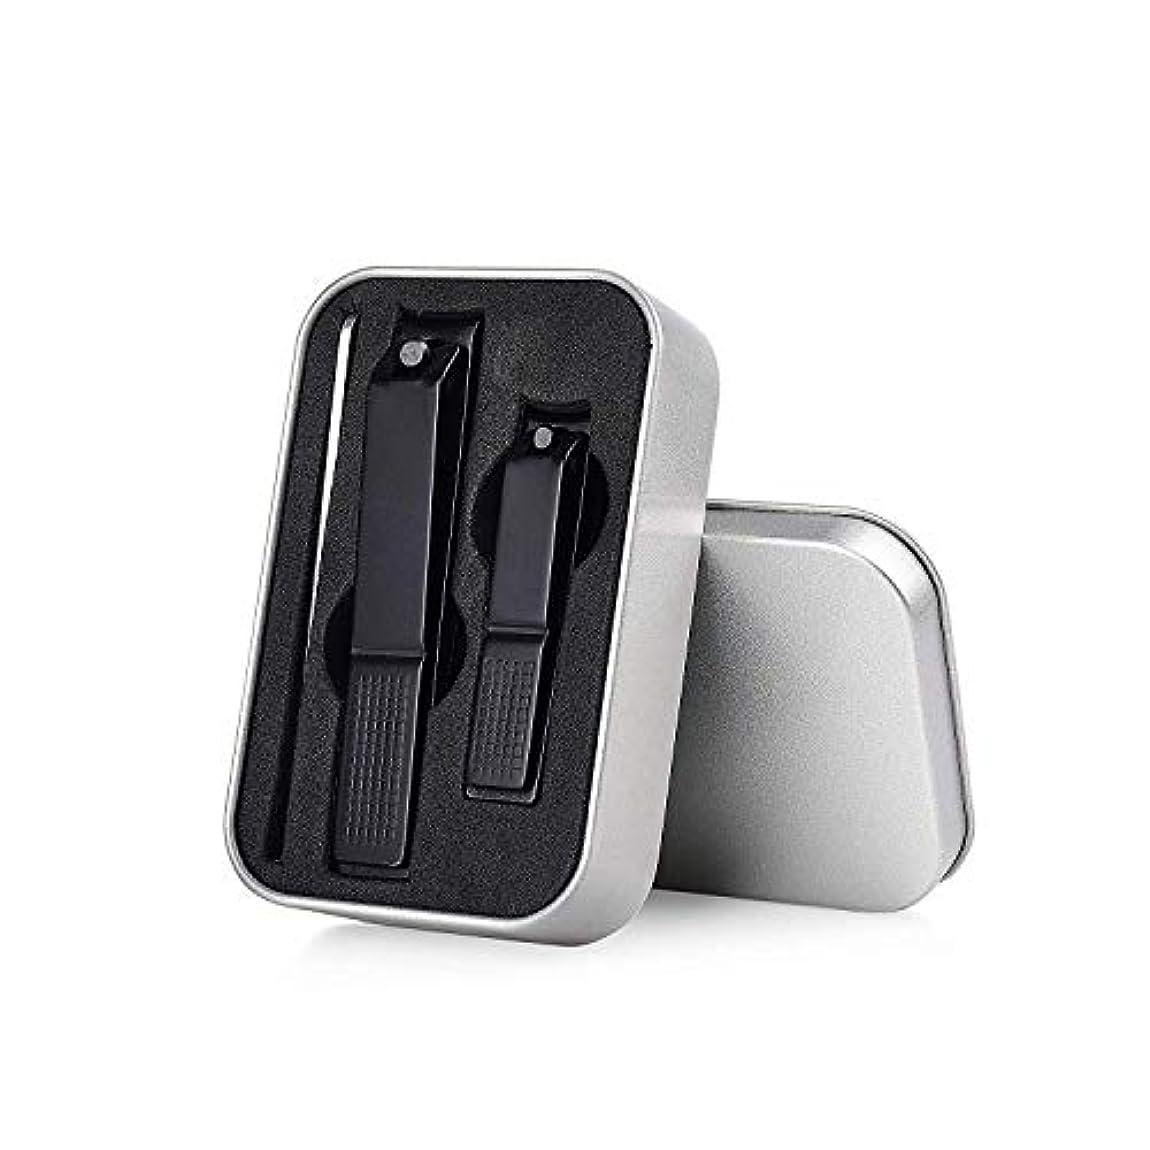 マイルド平等支配的爪&爪+爪やすり(クリーナー)用3ピースネイルクリッパーキット(トラベルケース付き)-シャープネイルカッターセット、満足度100%返金保証